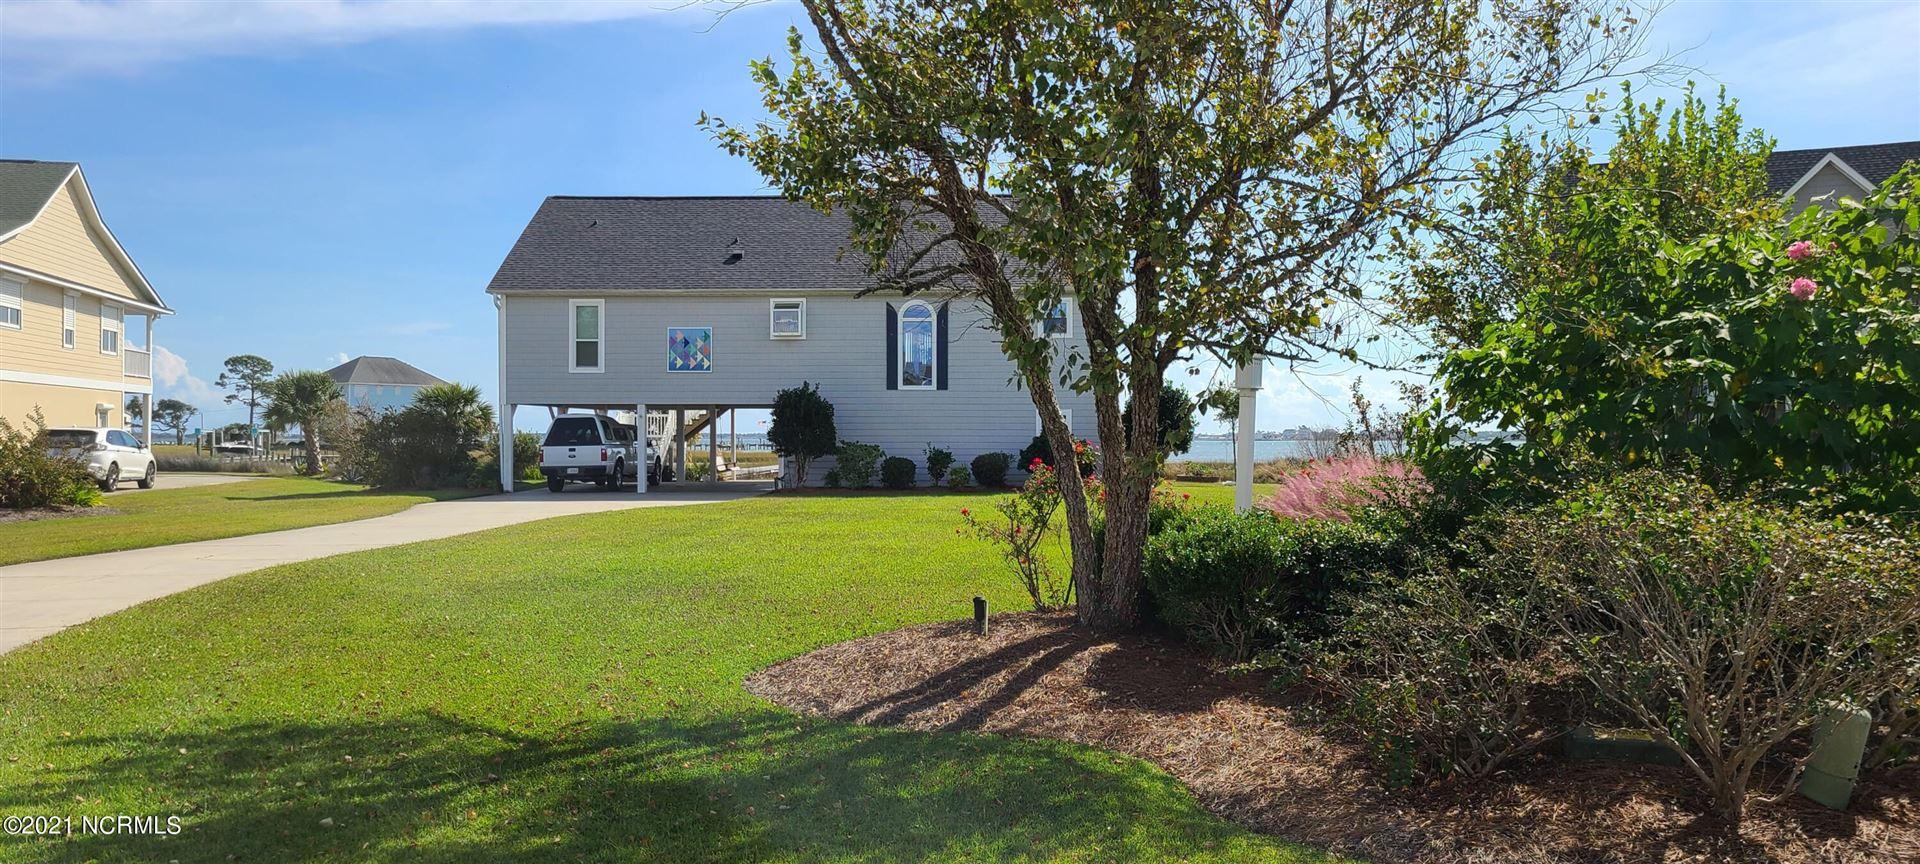 Photo of 319 Joan Court, Beaufort, NC 28516 (MLS # 100296266)